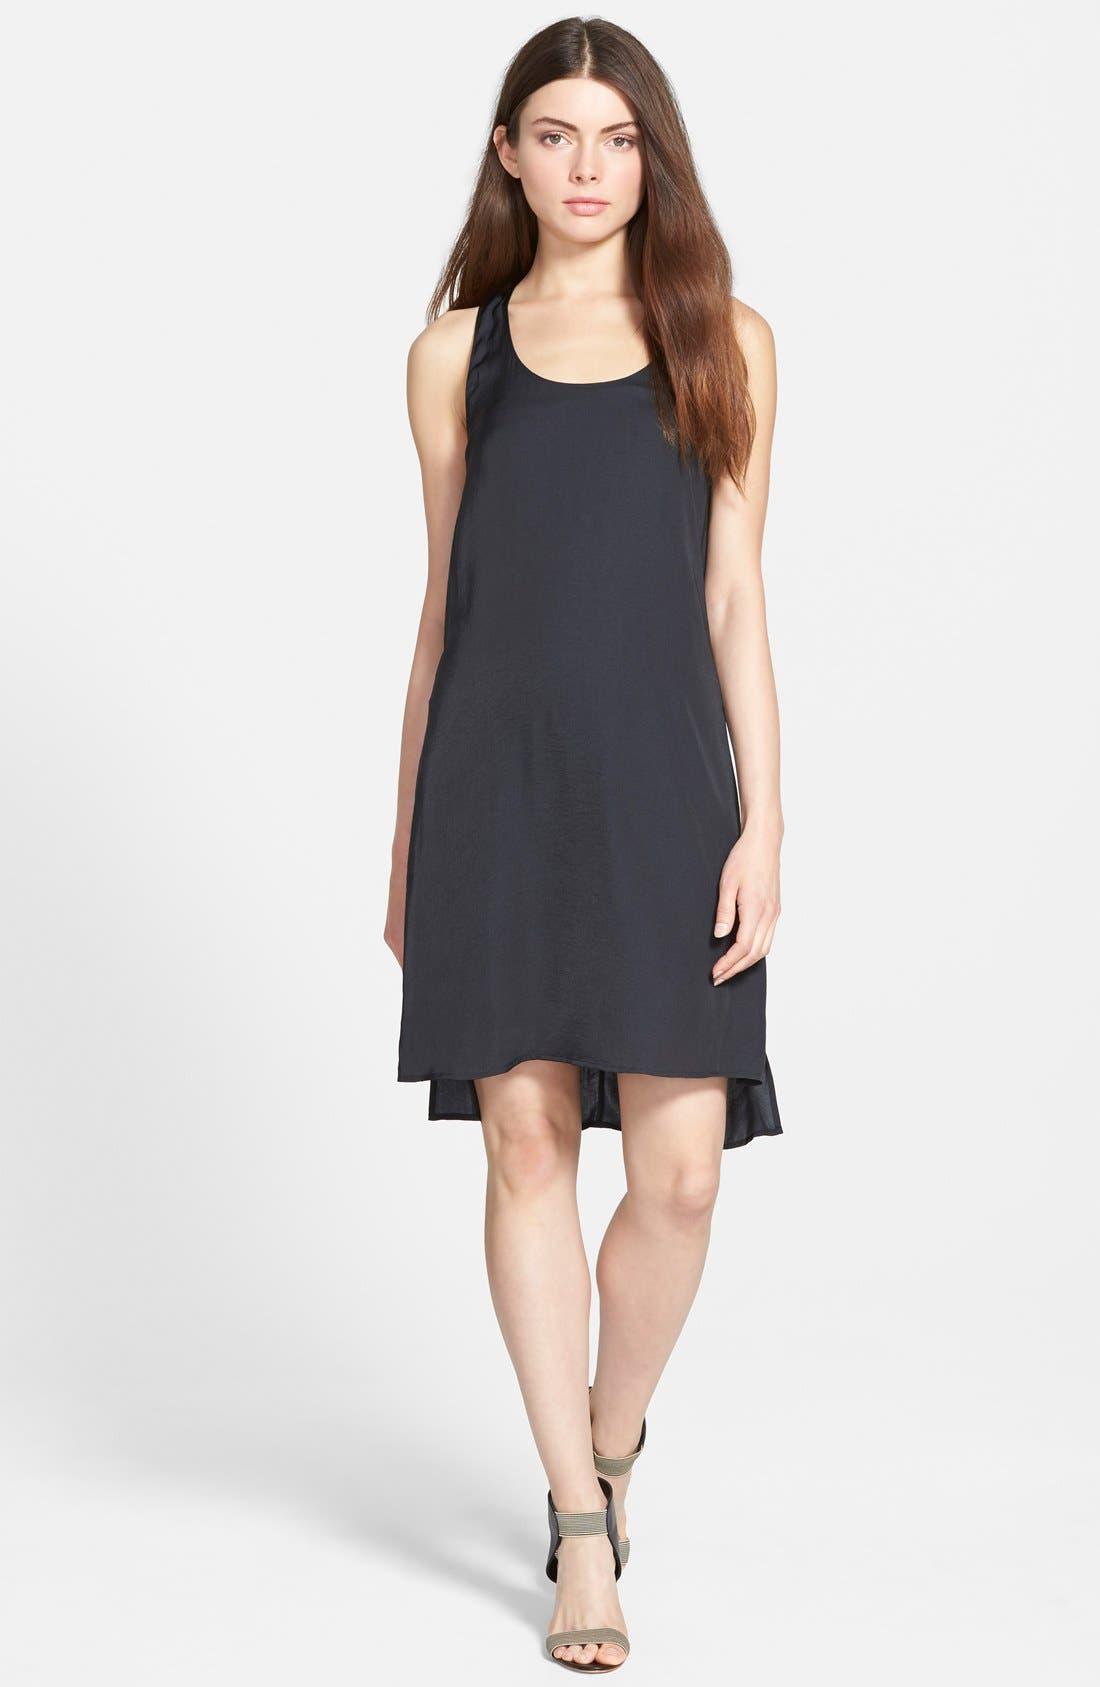 TROUVÉ Twist Back Dress, Main, color, 001